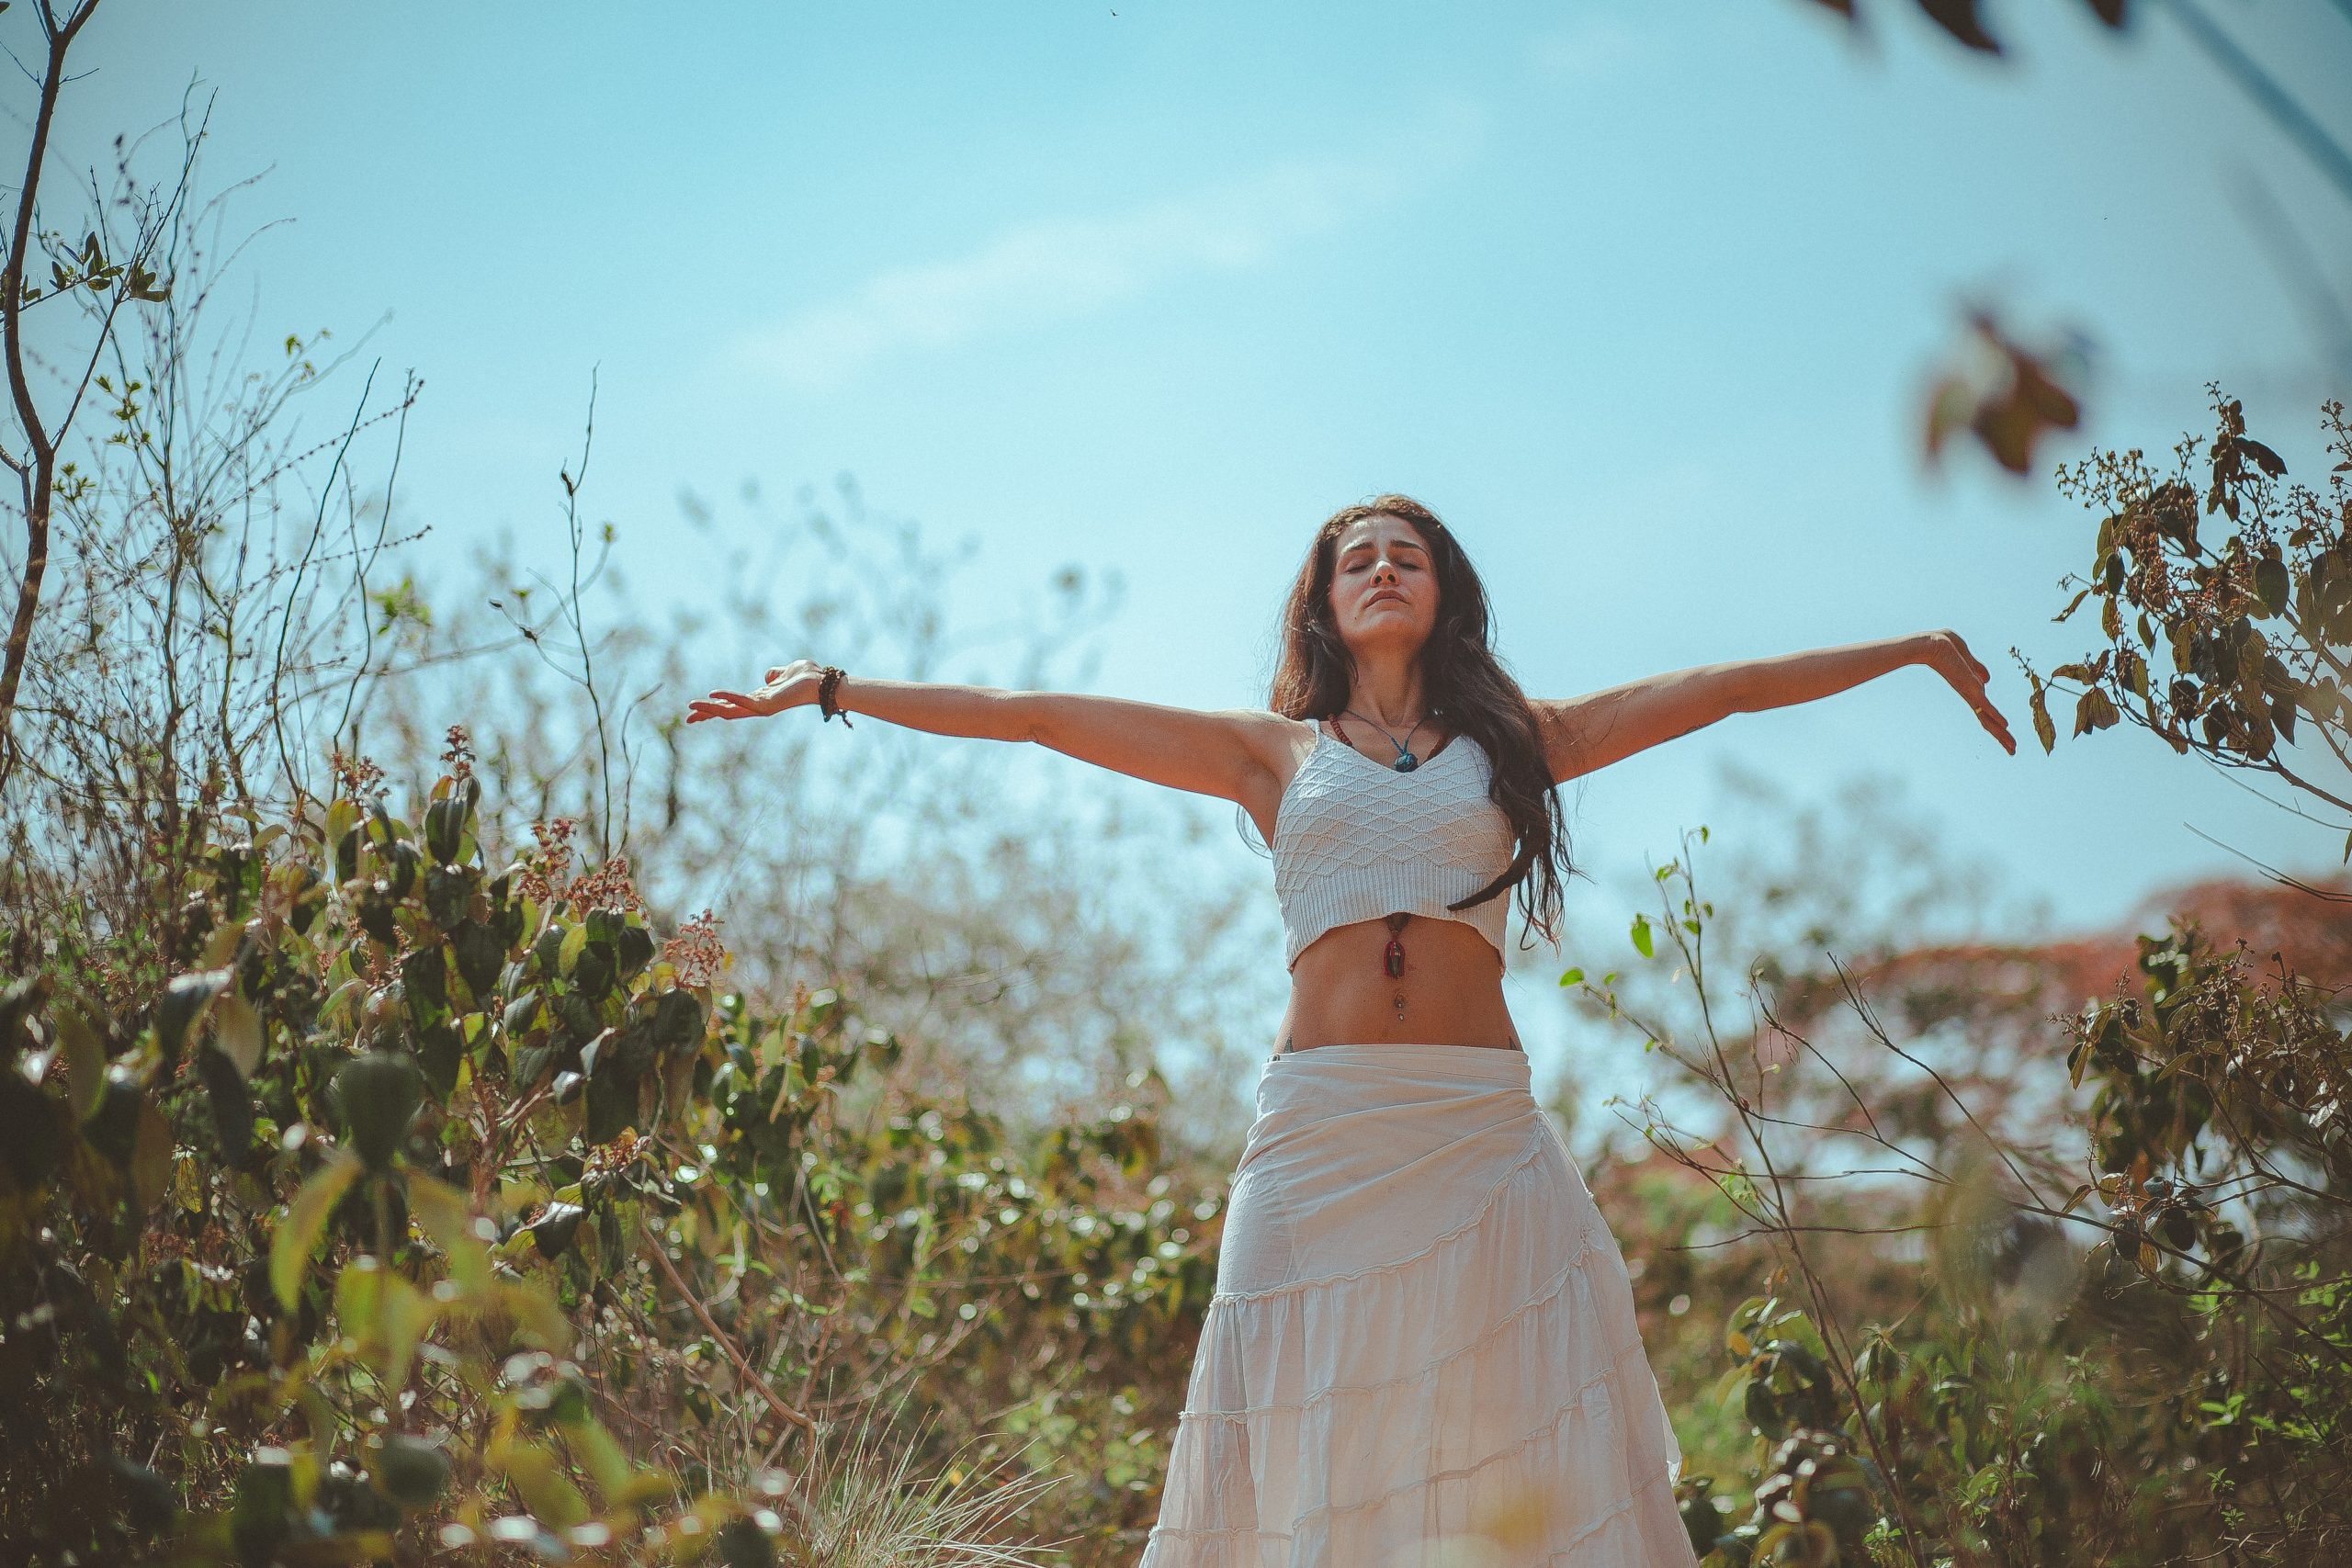 Yoga via de Skulp